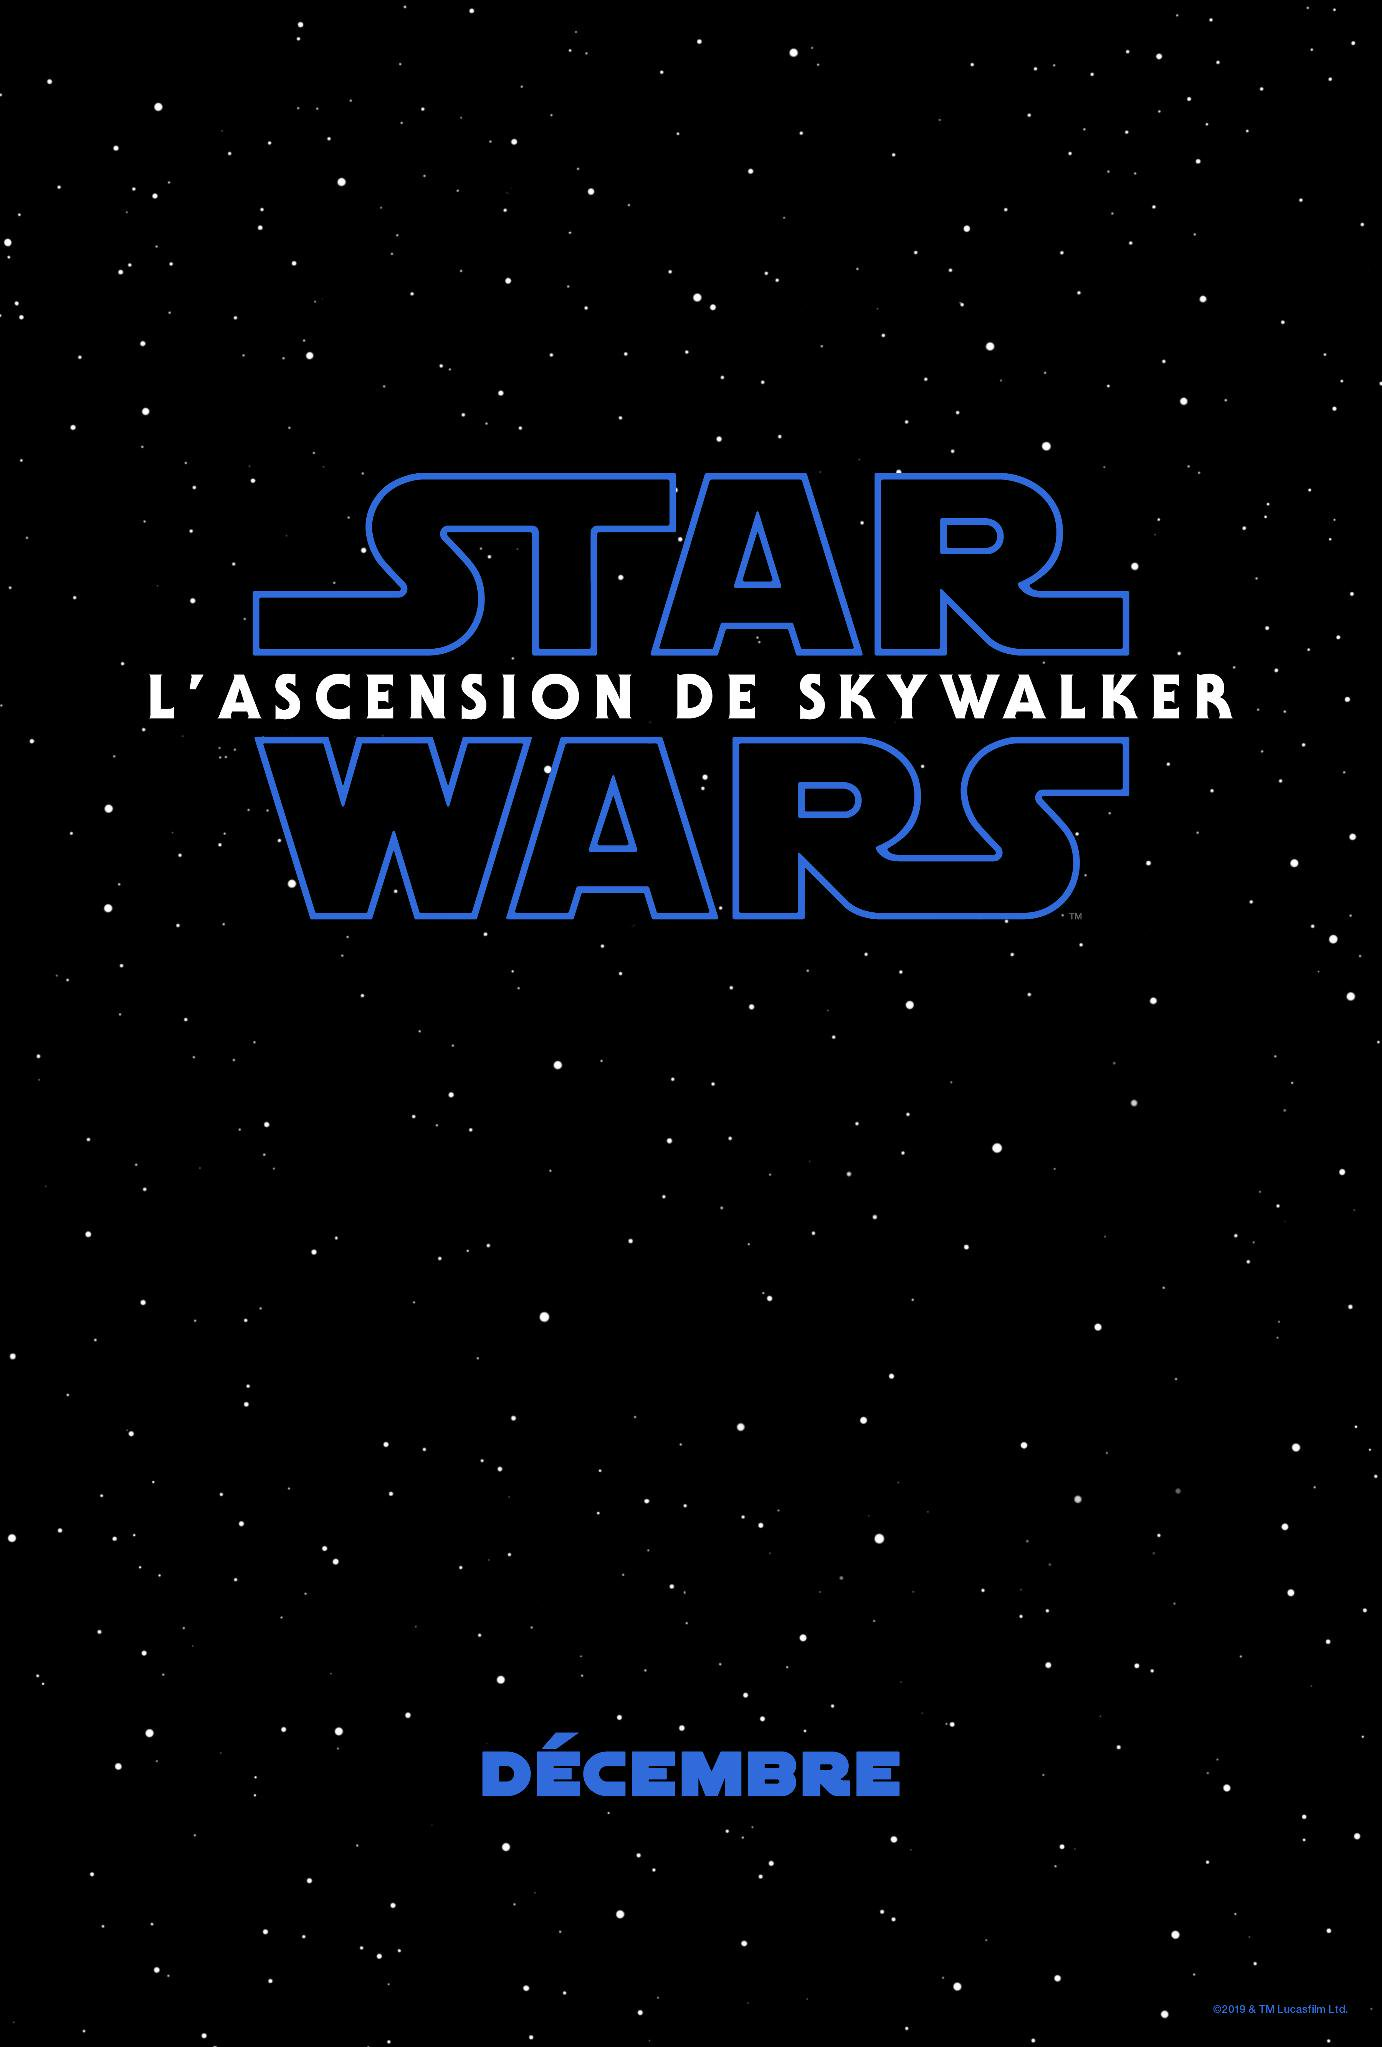 L'Ascension de Skywalker : que nous apprend le titre français du prochain Star Wars ?